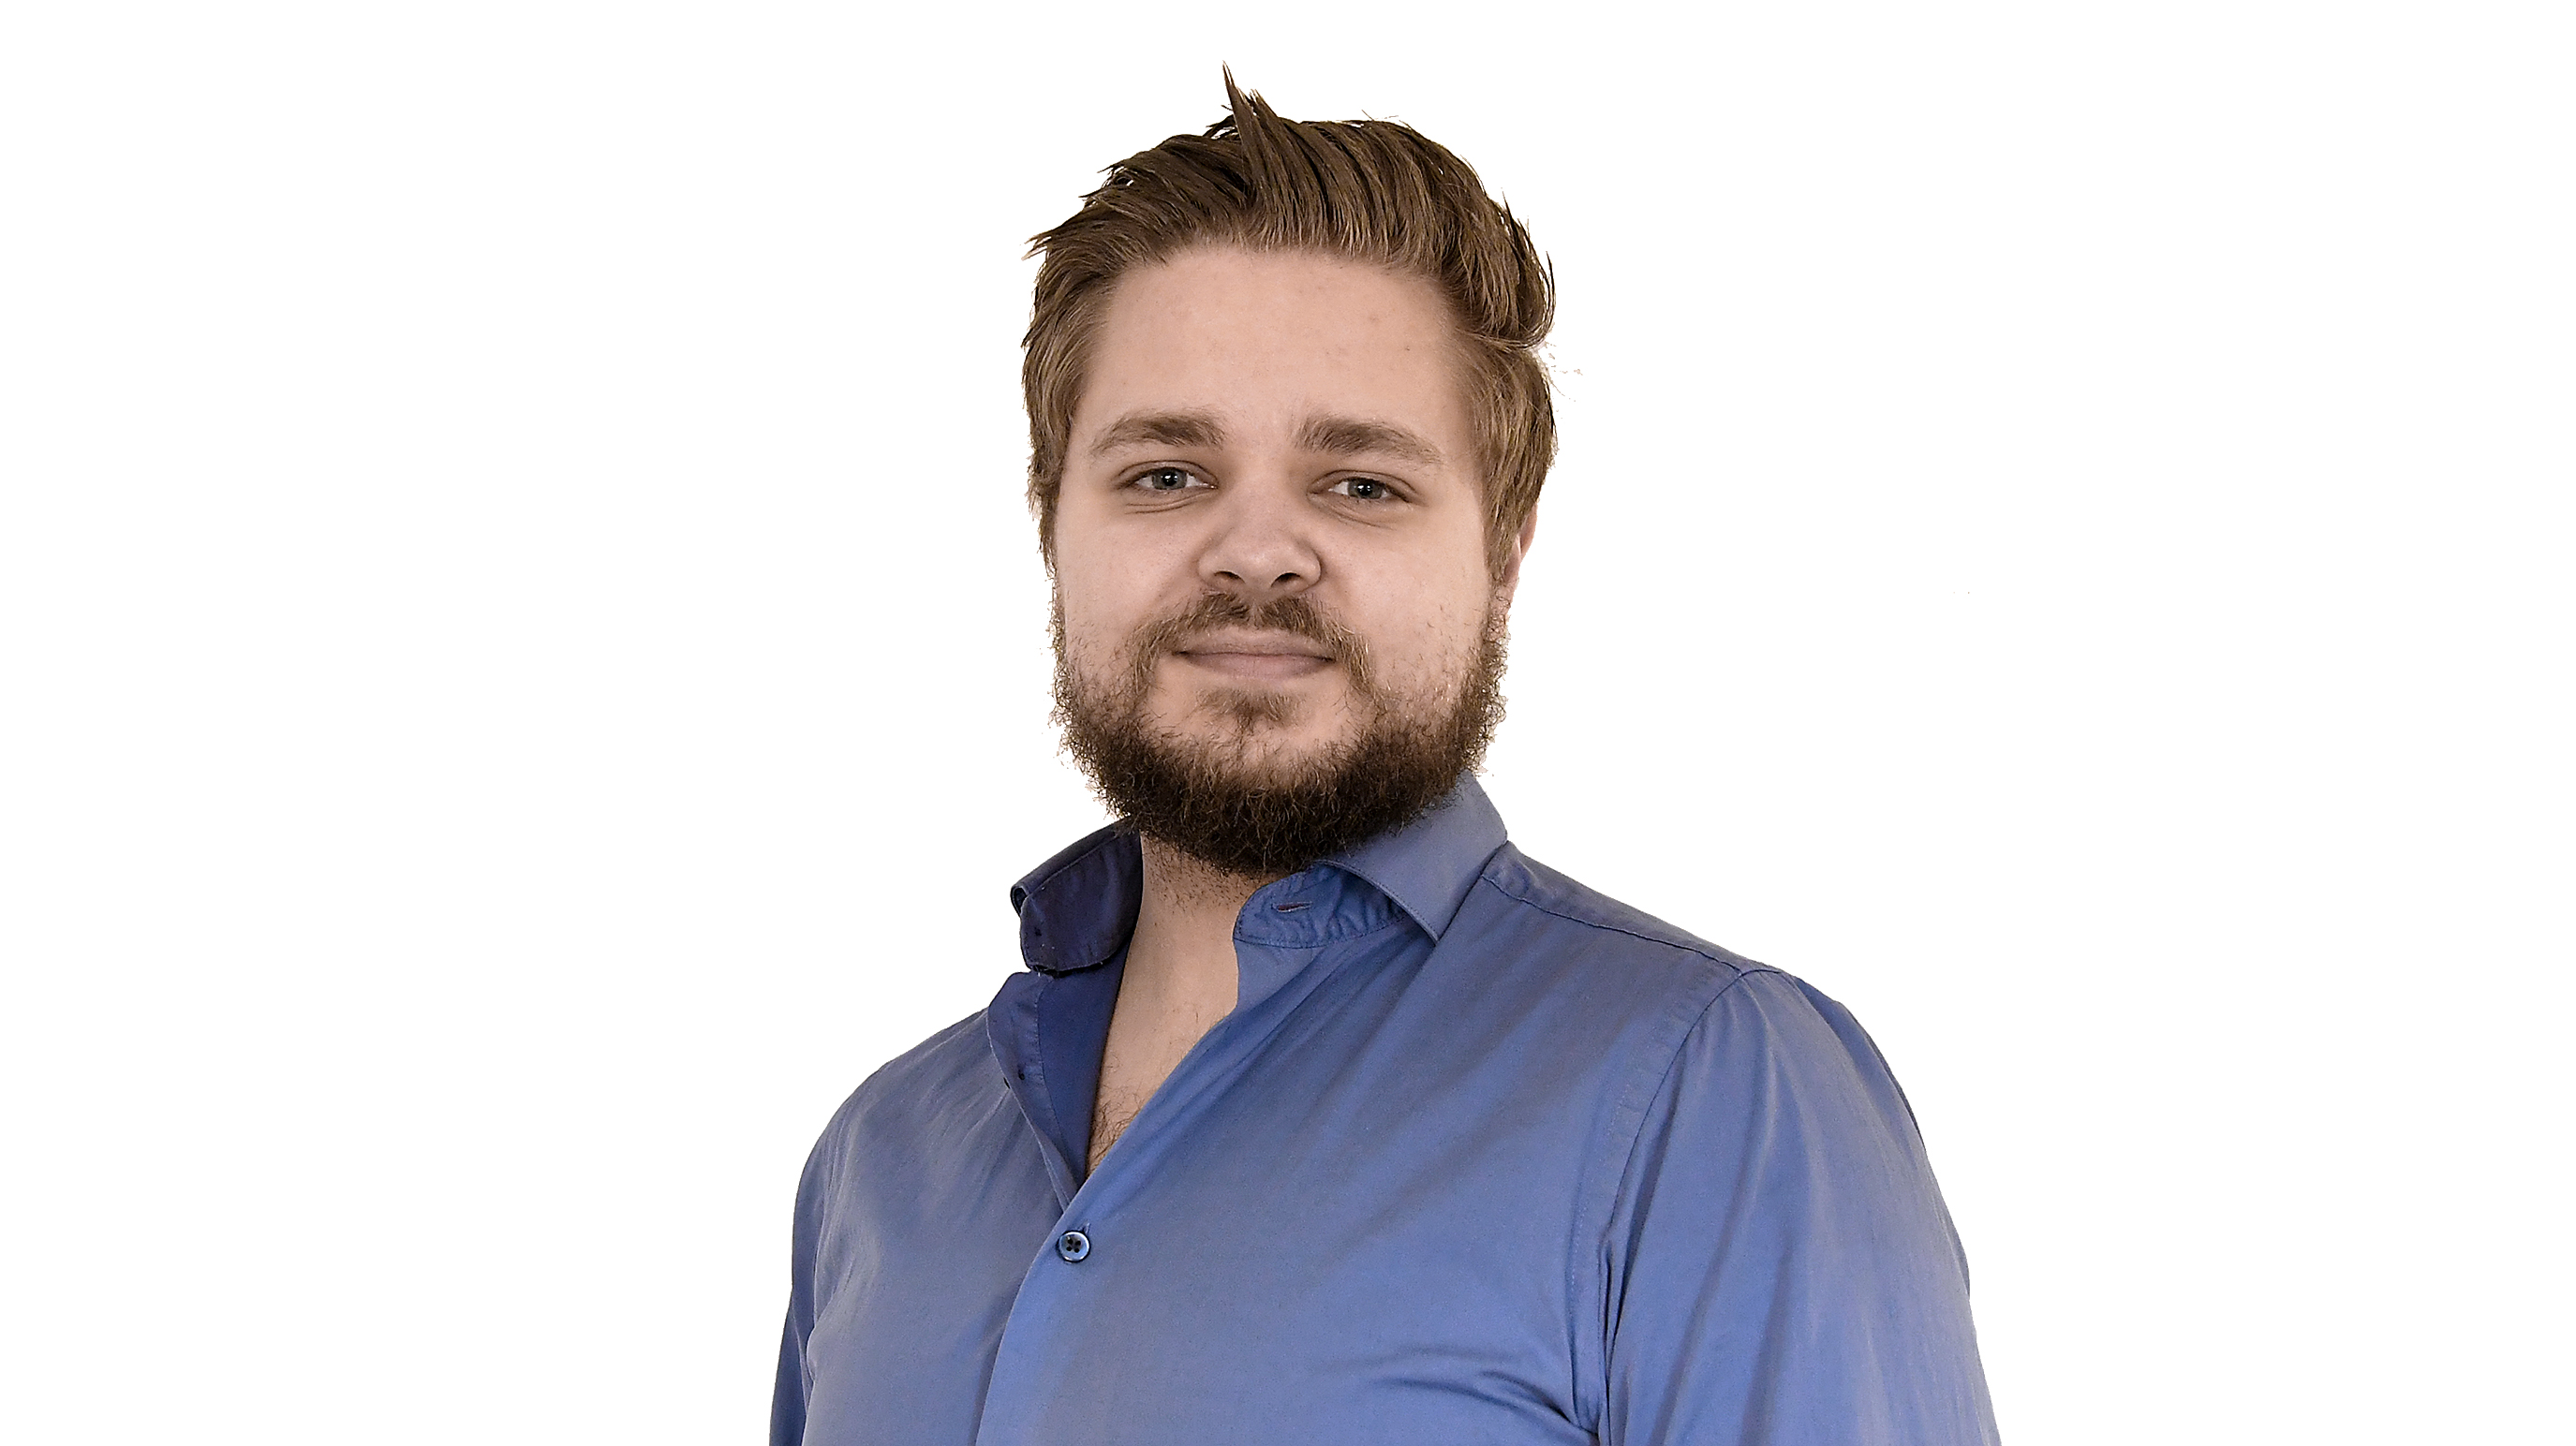 Bilden föreställer en leende man med kort hår och skägg, klädd i blå skjorta.